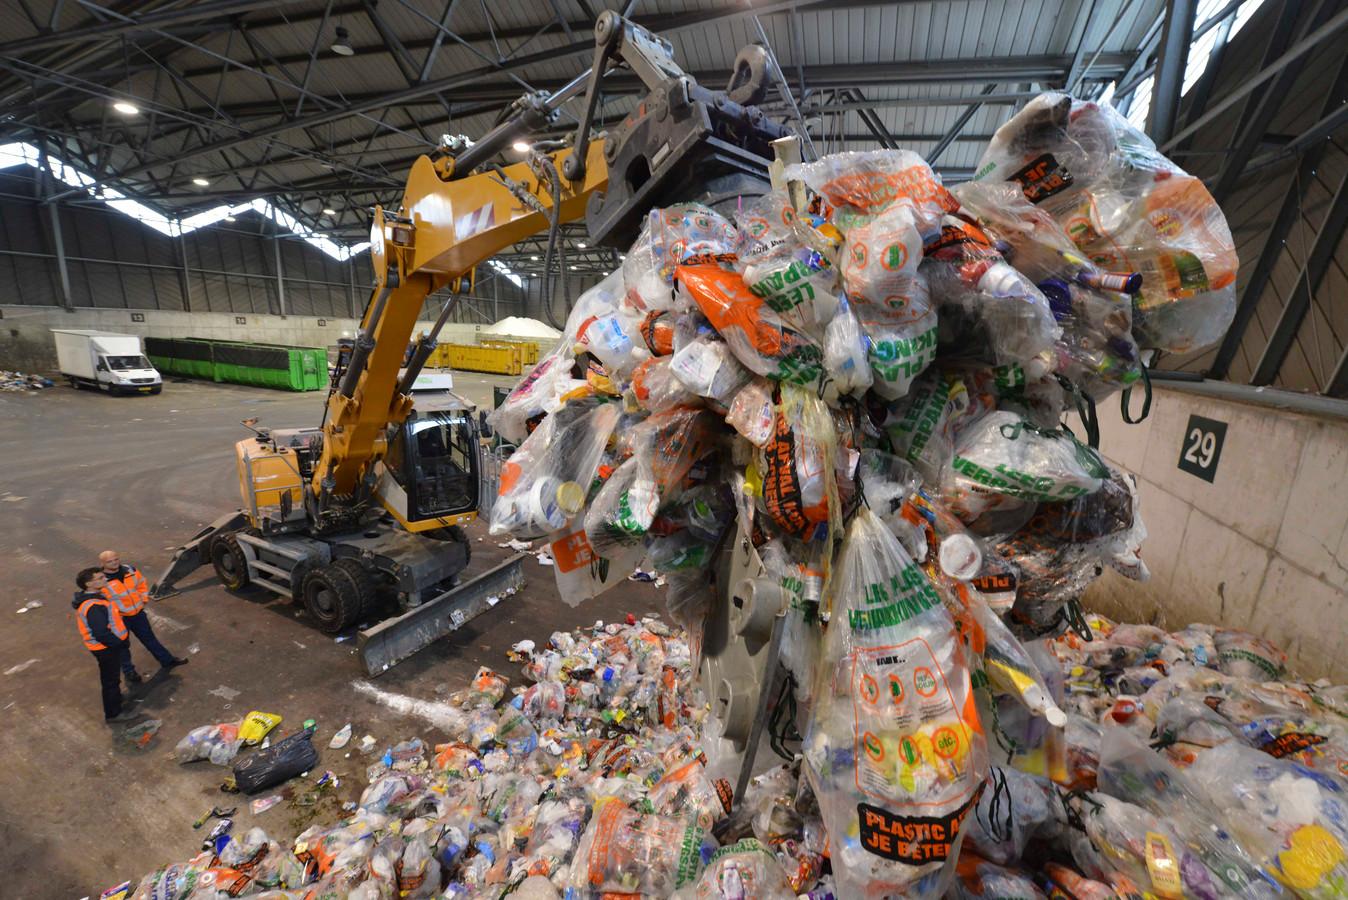 De verwerking van de plastic afvalzakken in de overslaghal bij afvalinzamelaar Avri in Geldermalsen.